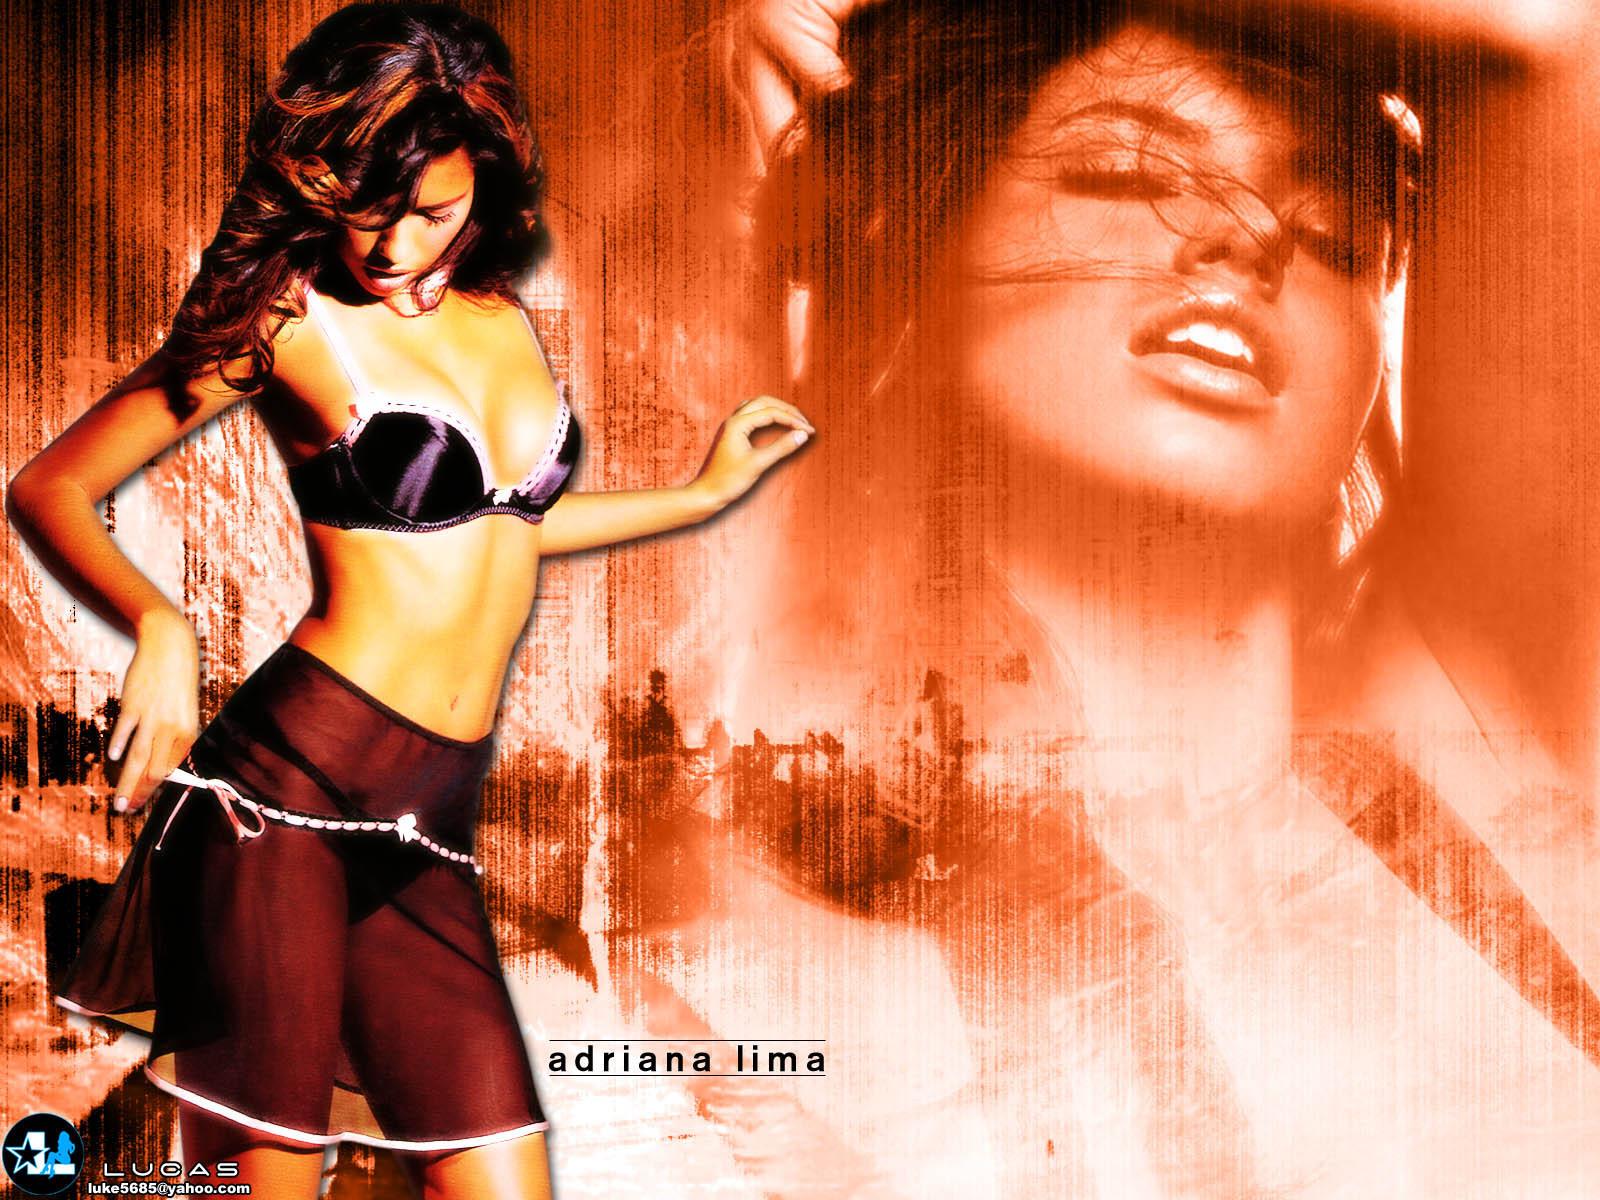 Ms. Adriana Lima